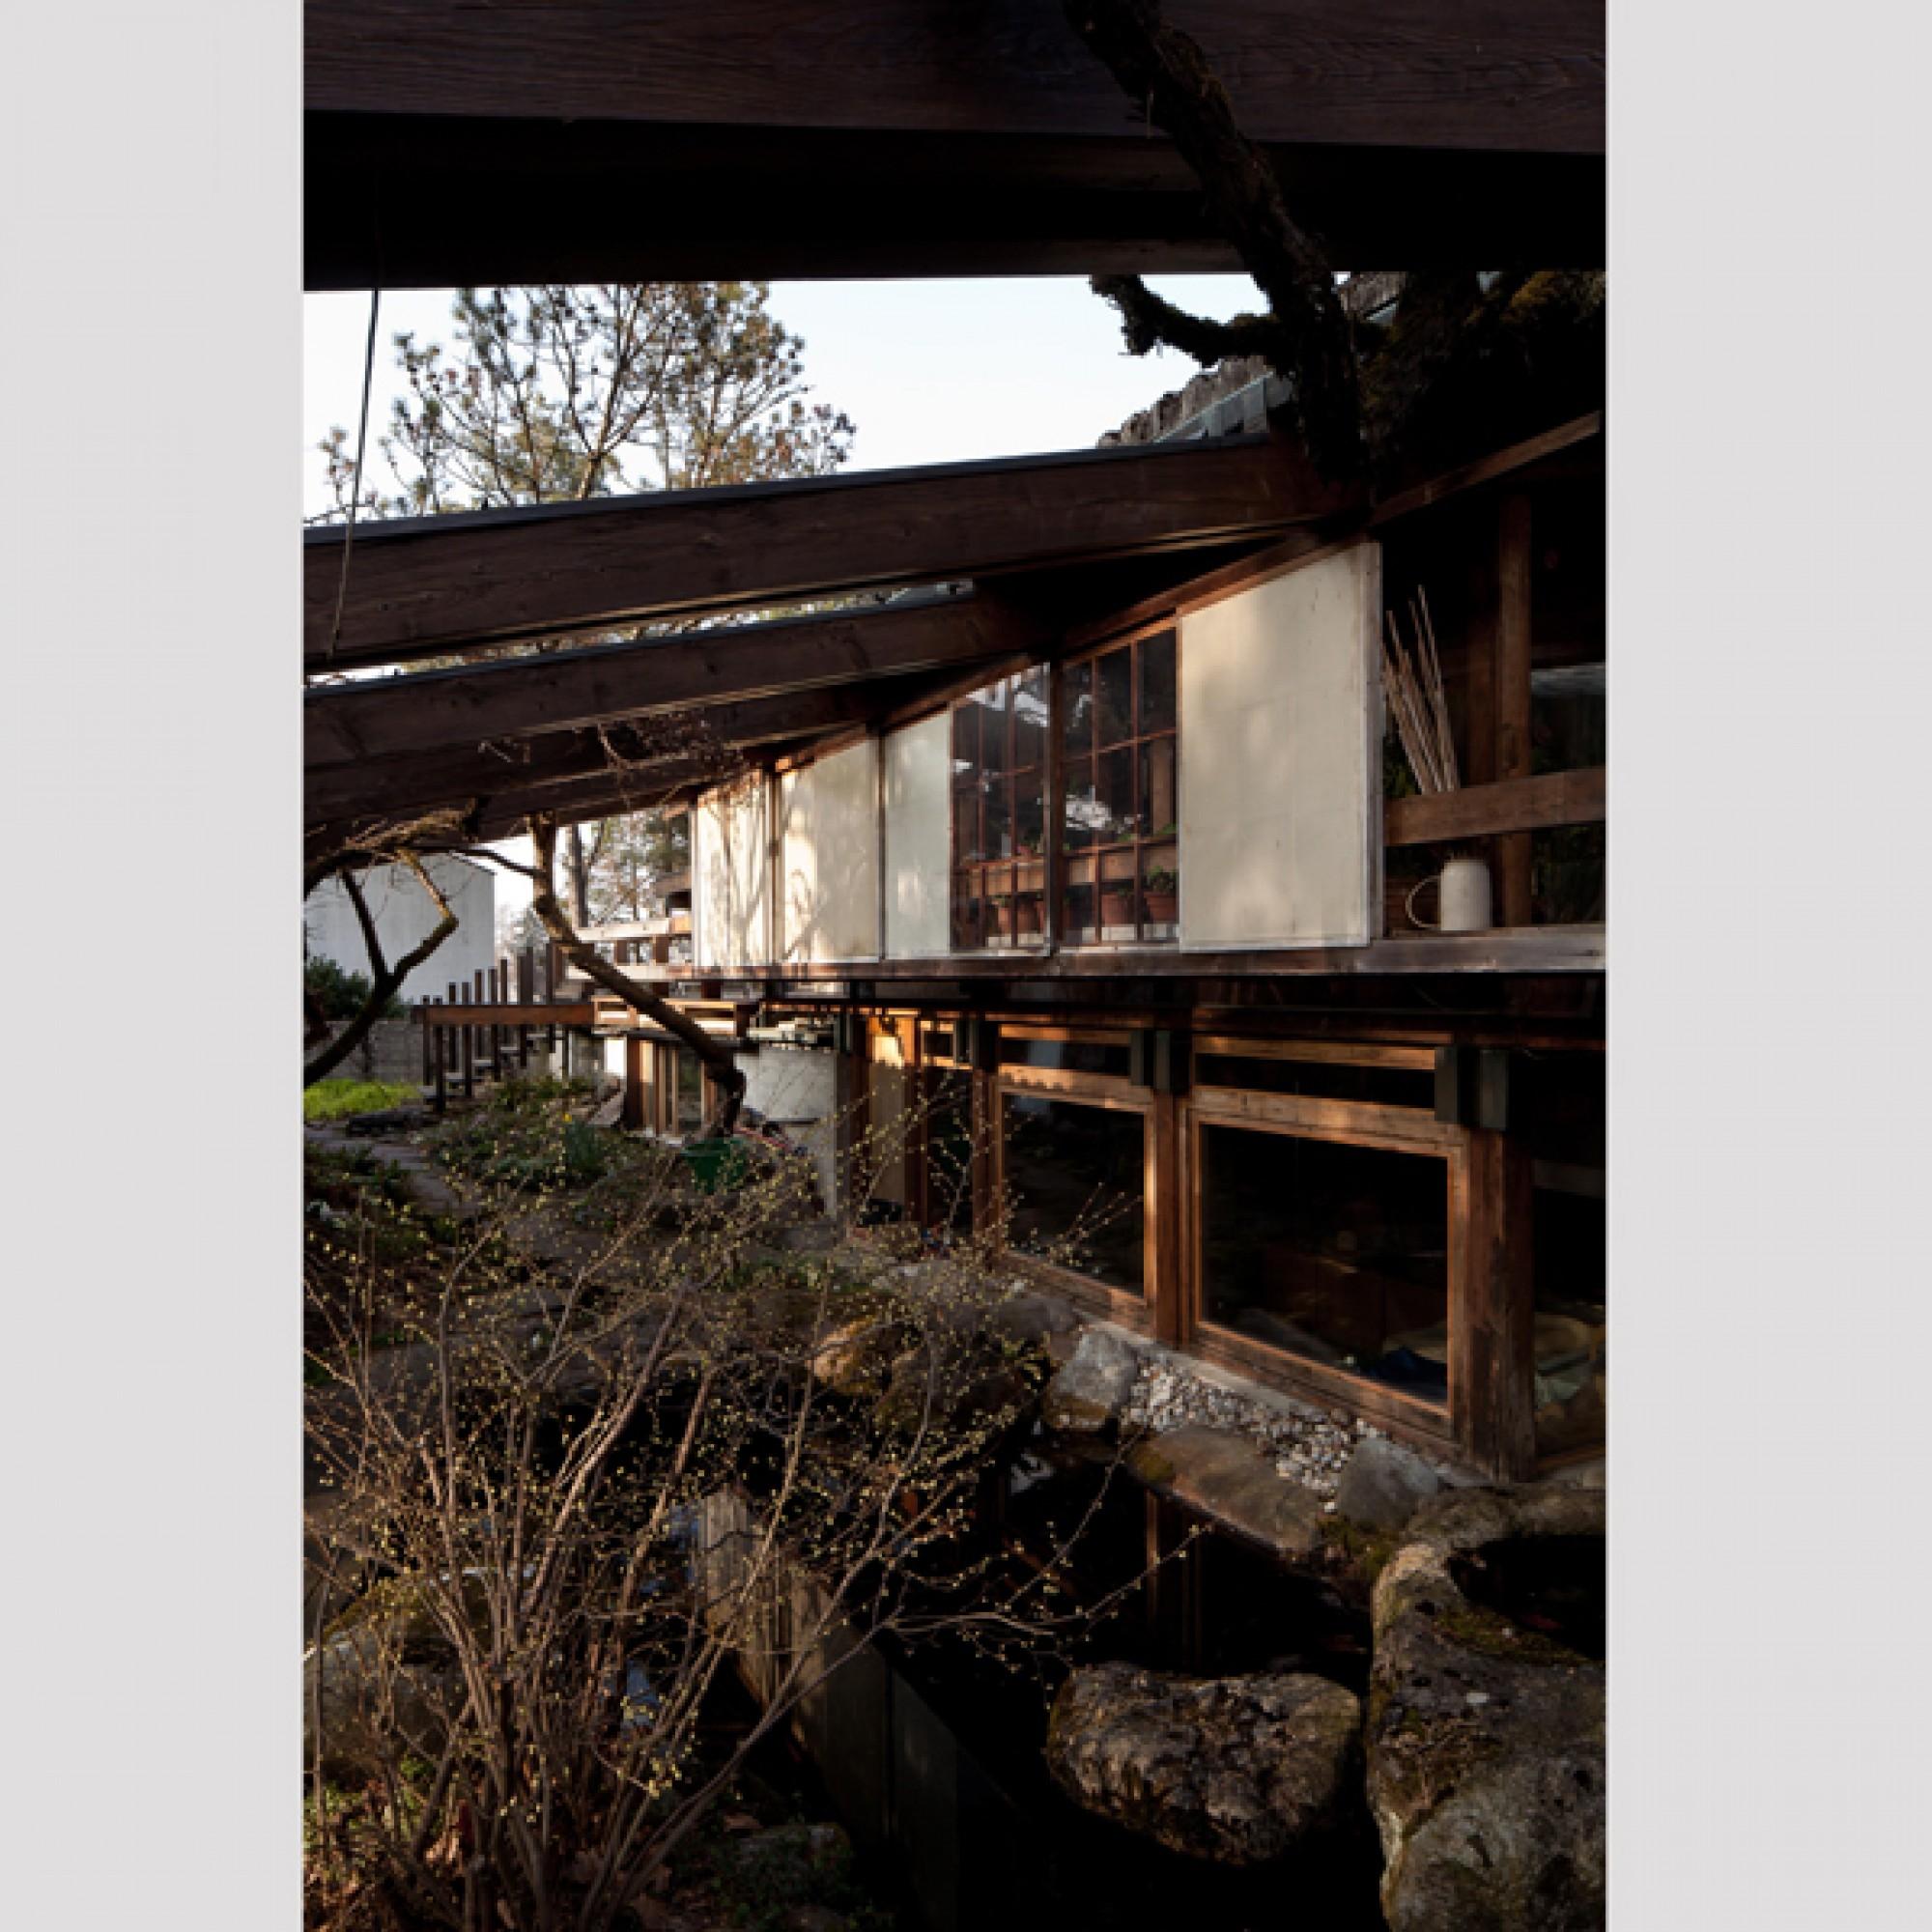 Wohn- und Atelierhaus in Gockhausen ZH, 1957-59, Erweiterung 1962-64  (Christian Kahl, 2016 / SAM)